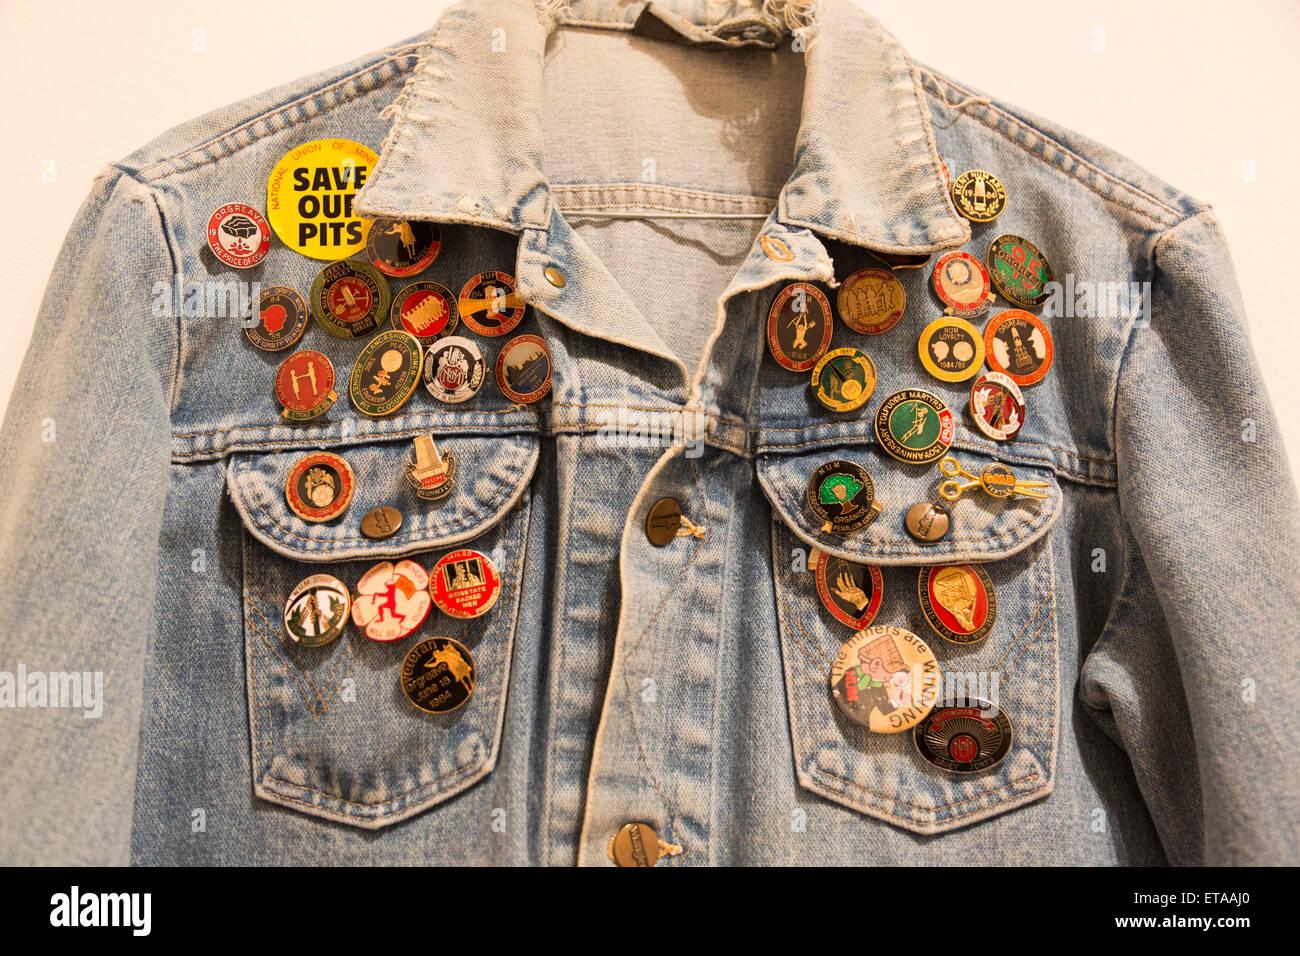 Londres, Reino Unido. 8 de junio de 2015. Foto: un par de pantalones vaqueros chaqueta con memorabilia insignias. Imagen De Stock